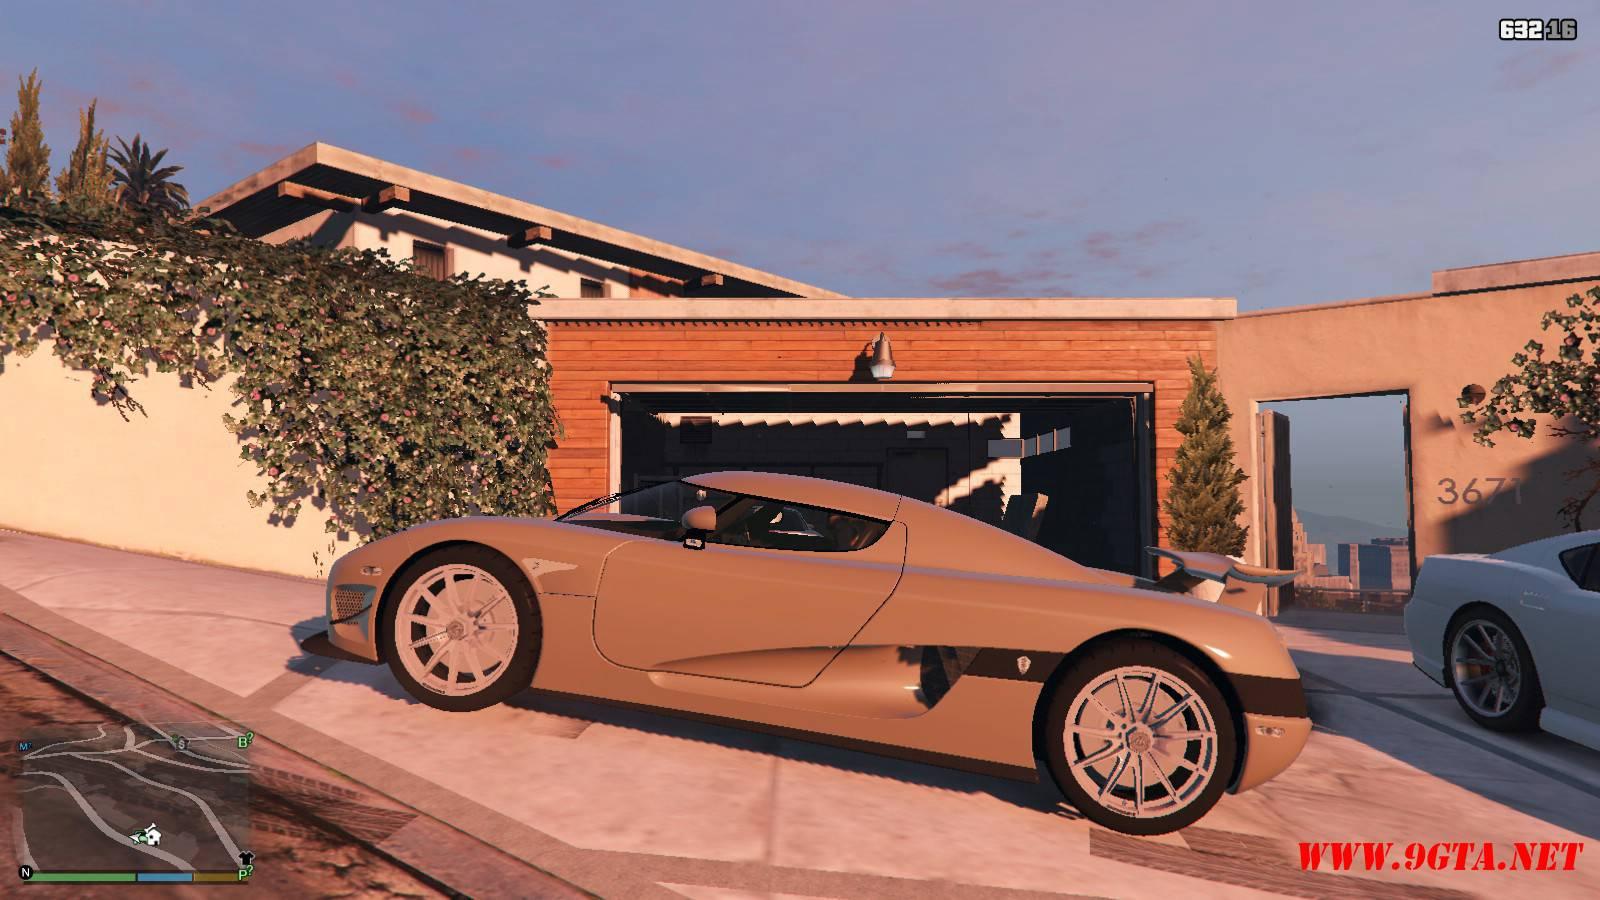 2009 Koenigsegg CCXR GTA5 Mods (2)